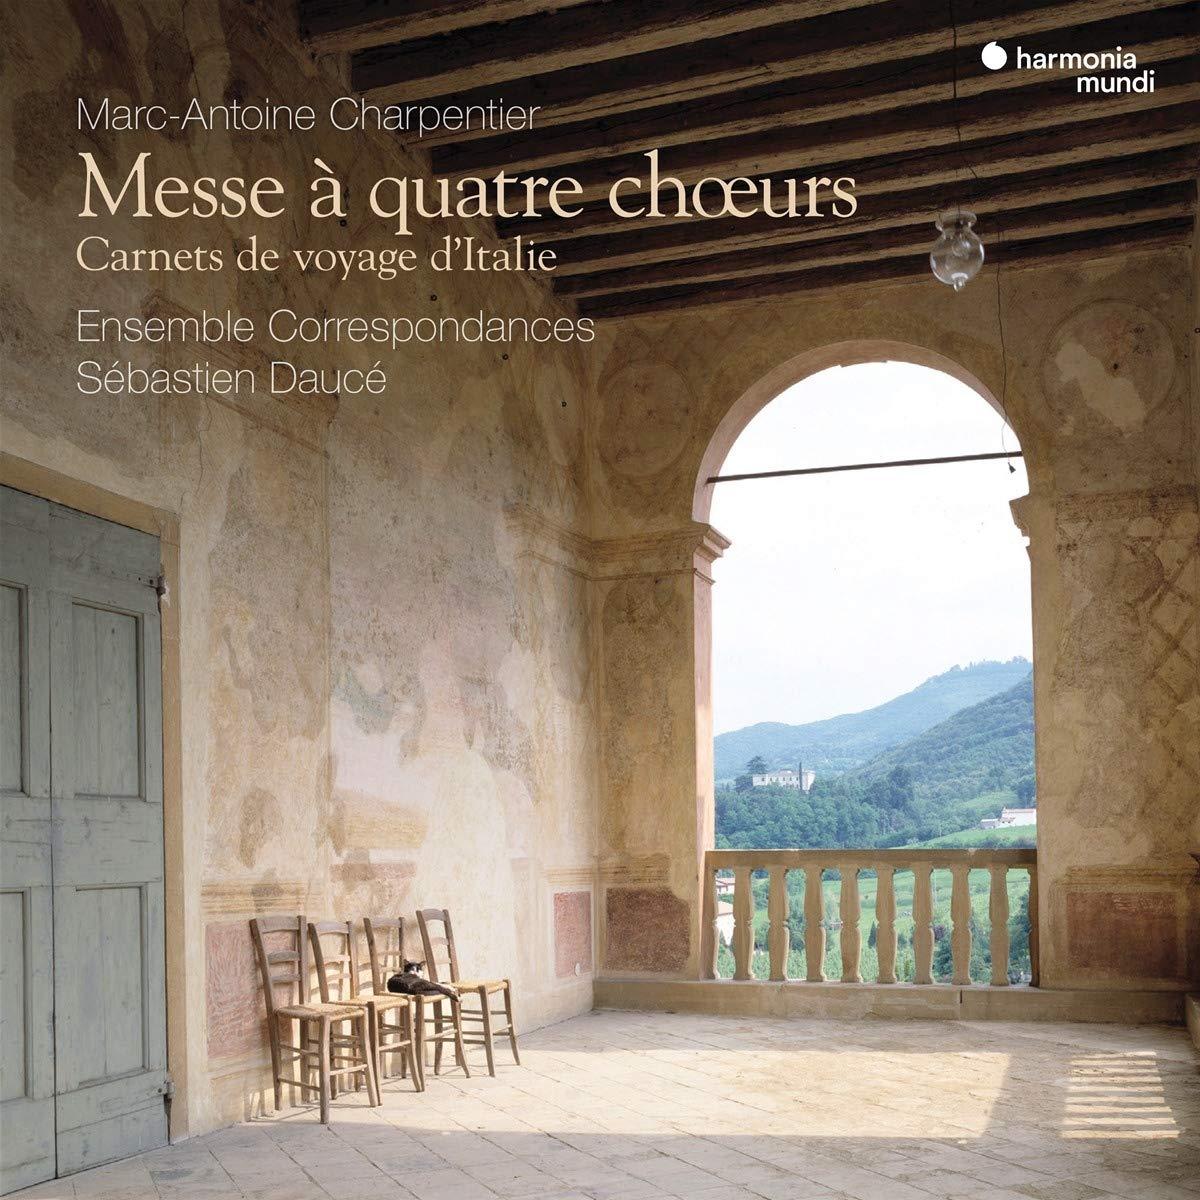 Charpentier: Messe À Quatre Chœurs. Carnets de Voyage d'Italie: Ensemble  Correspondances, Sébastien Daucé: Amazon.fr: Musique